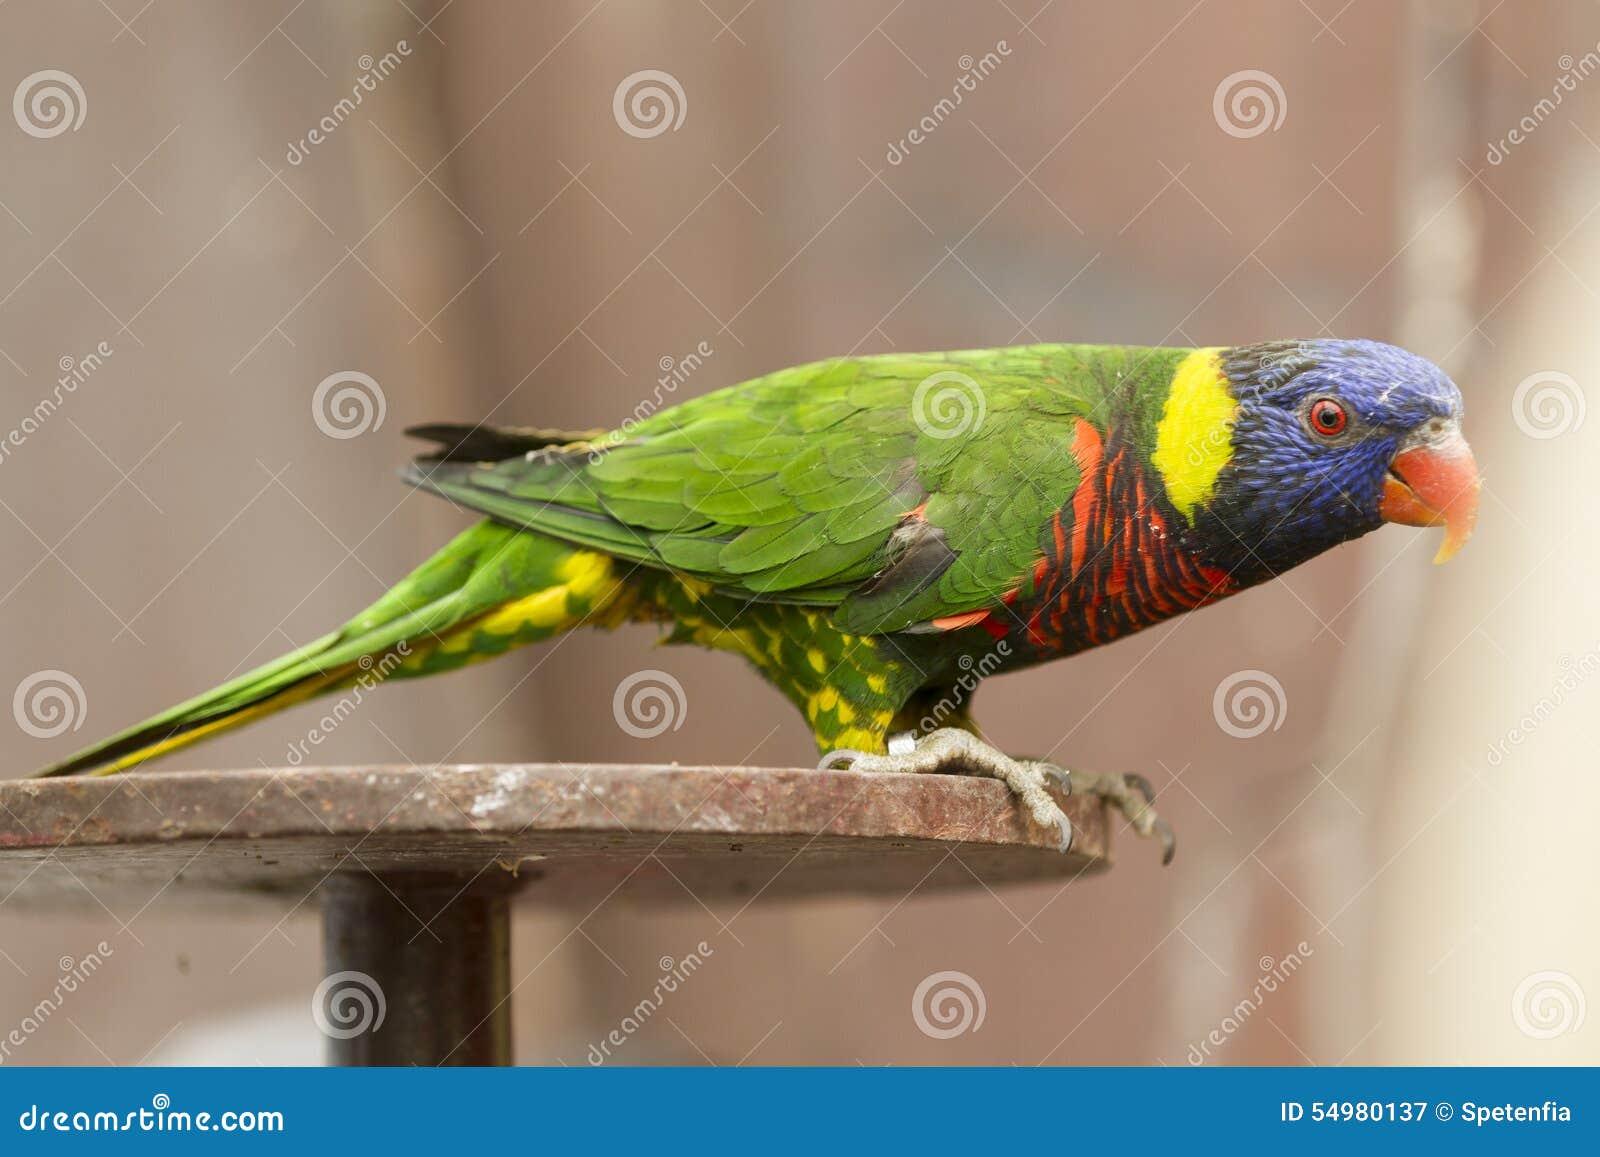 Papegoja på sittpinnen